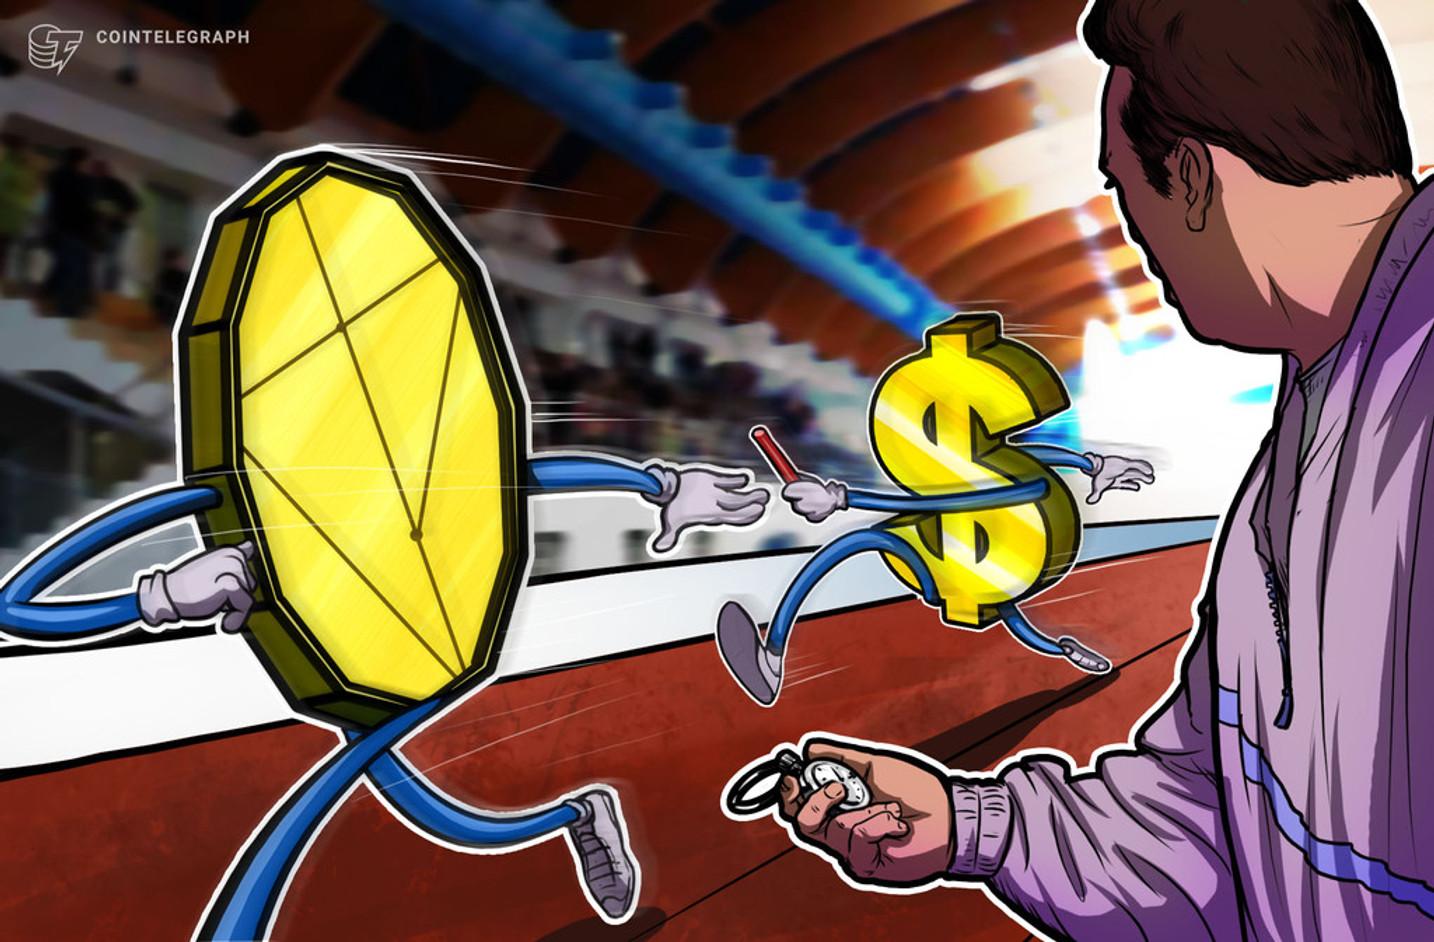 Bitso busca atraer clientes regalando 5 DAI por cada 100 que se depositen